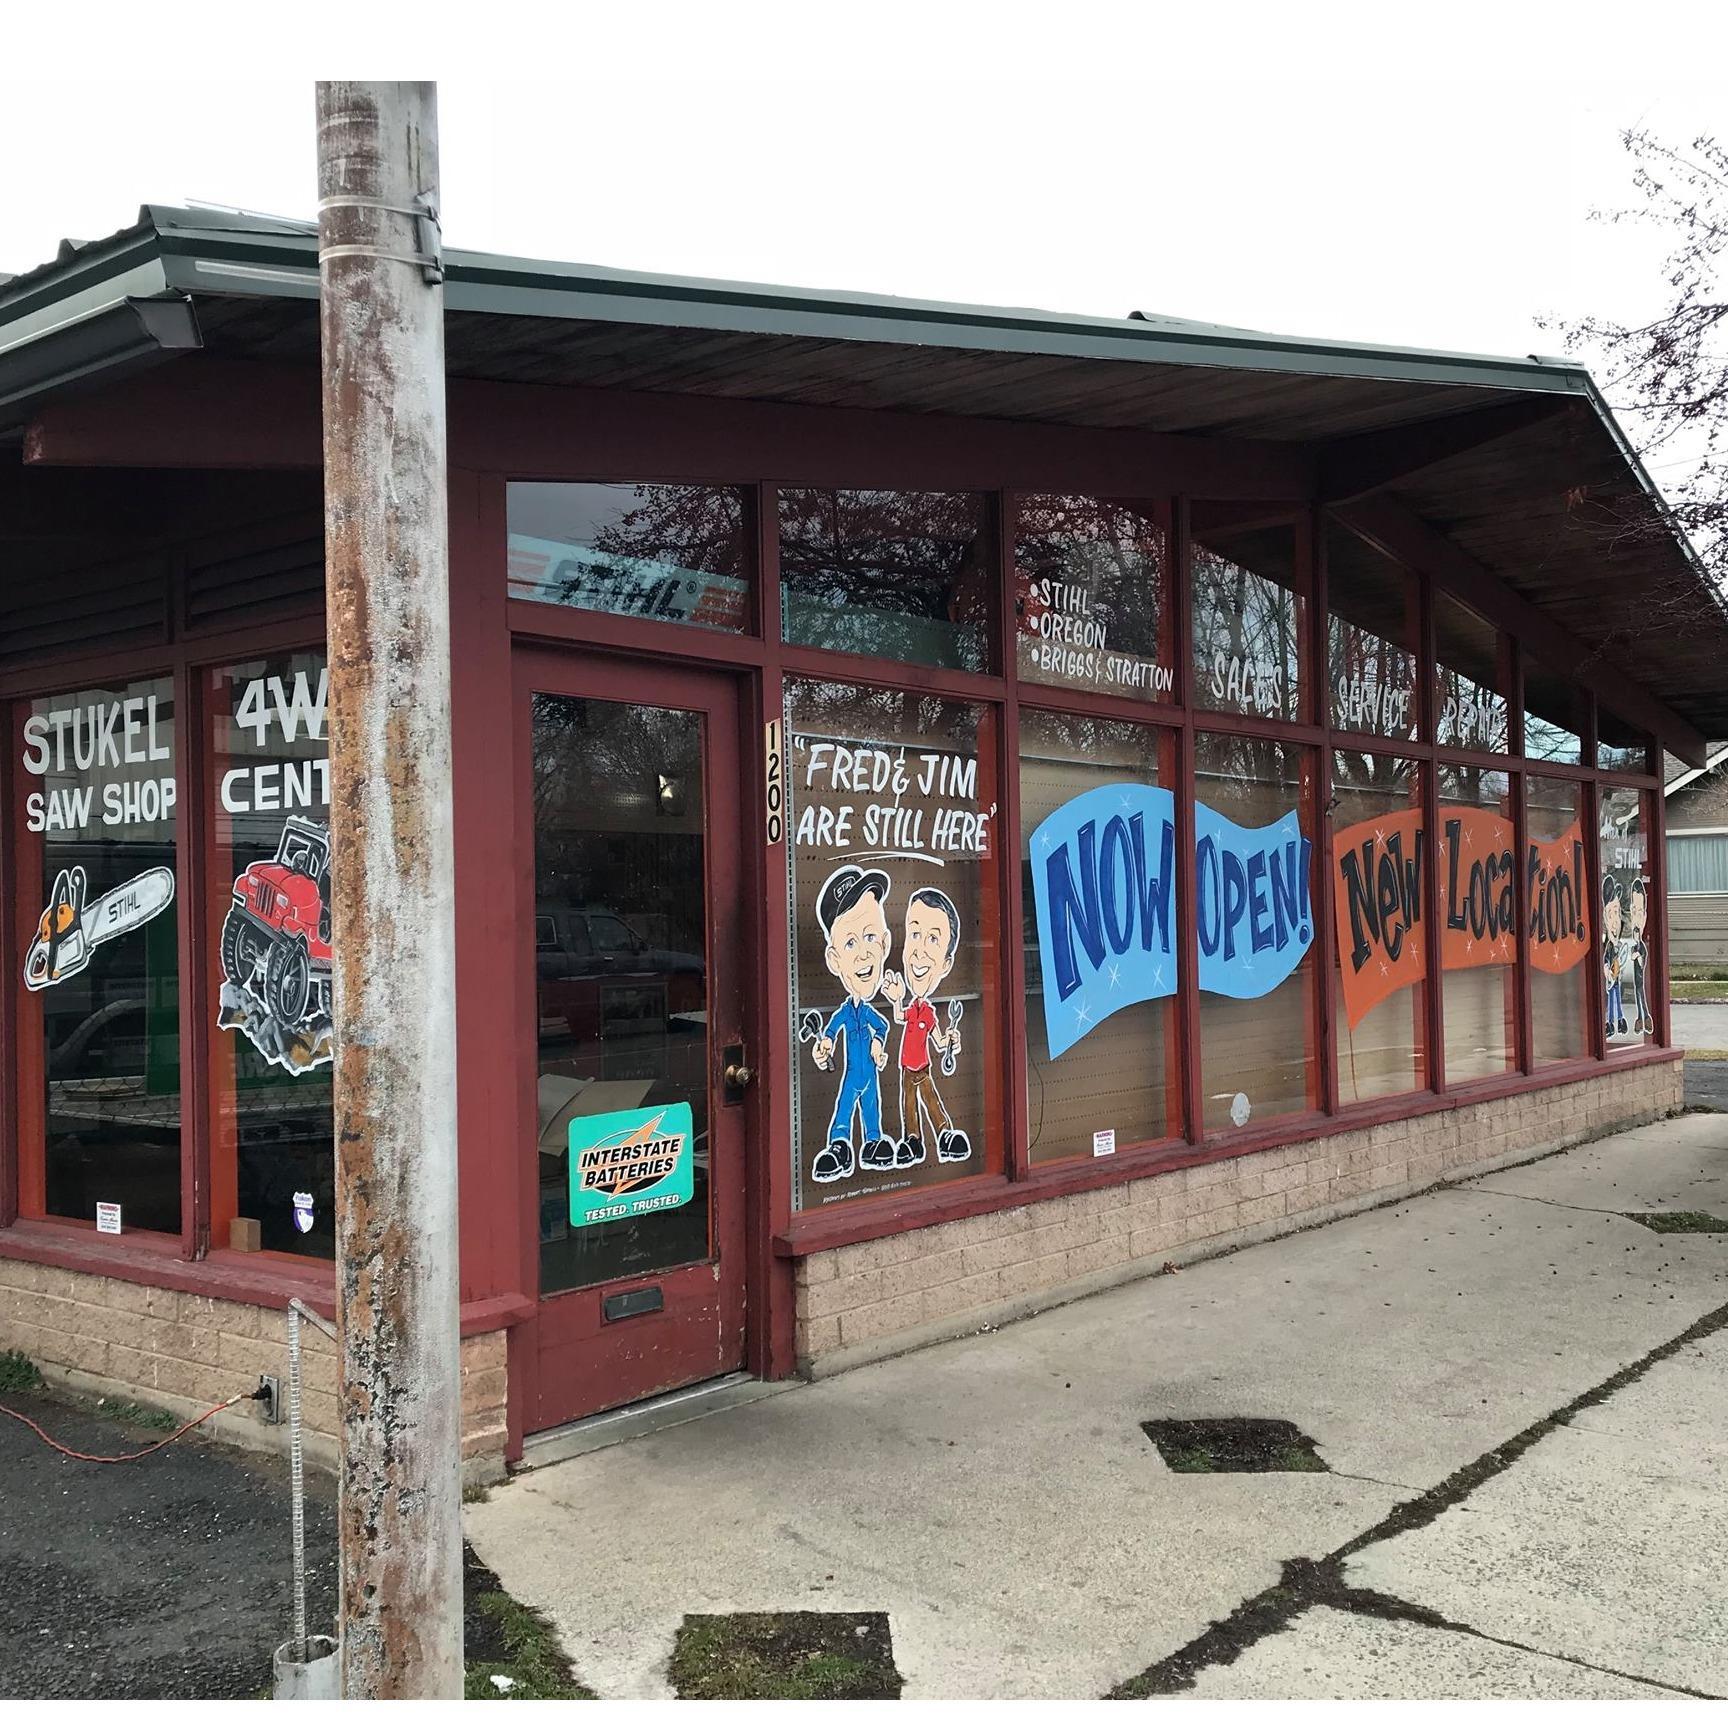 Stukel Saw Shop image 2